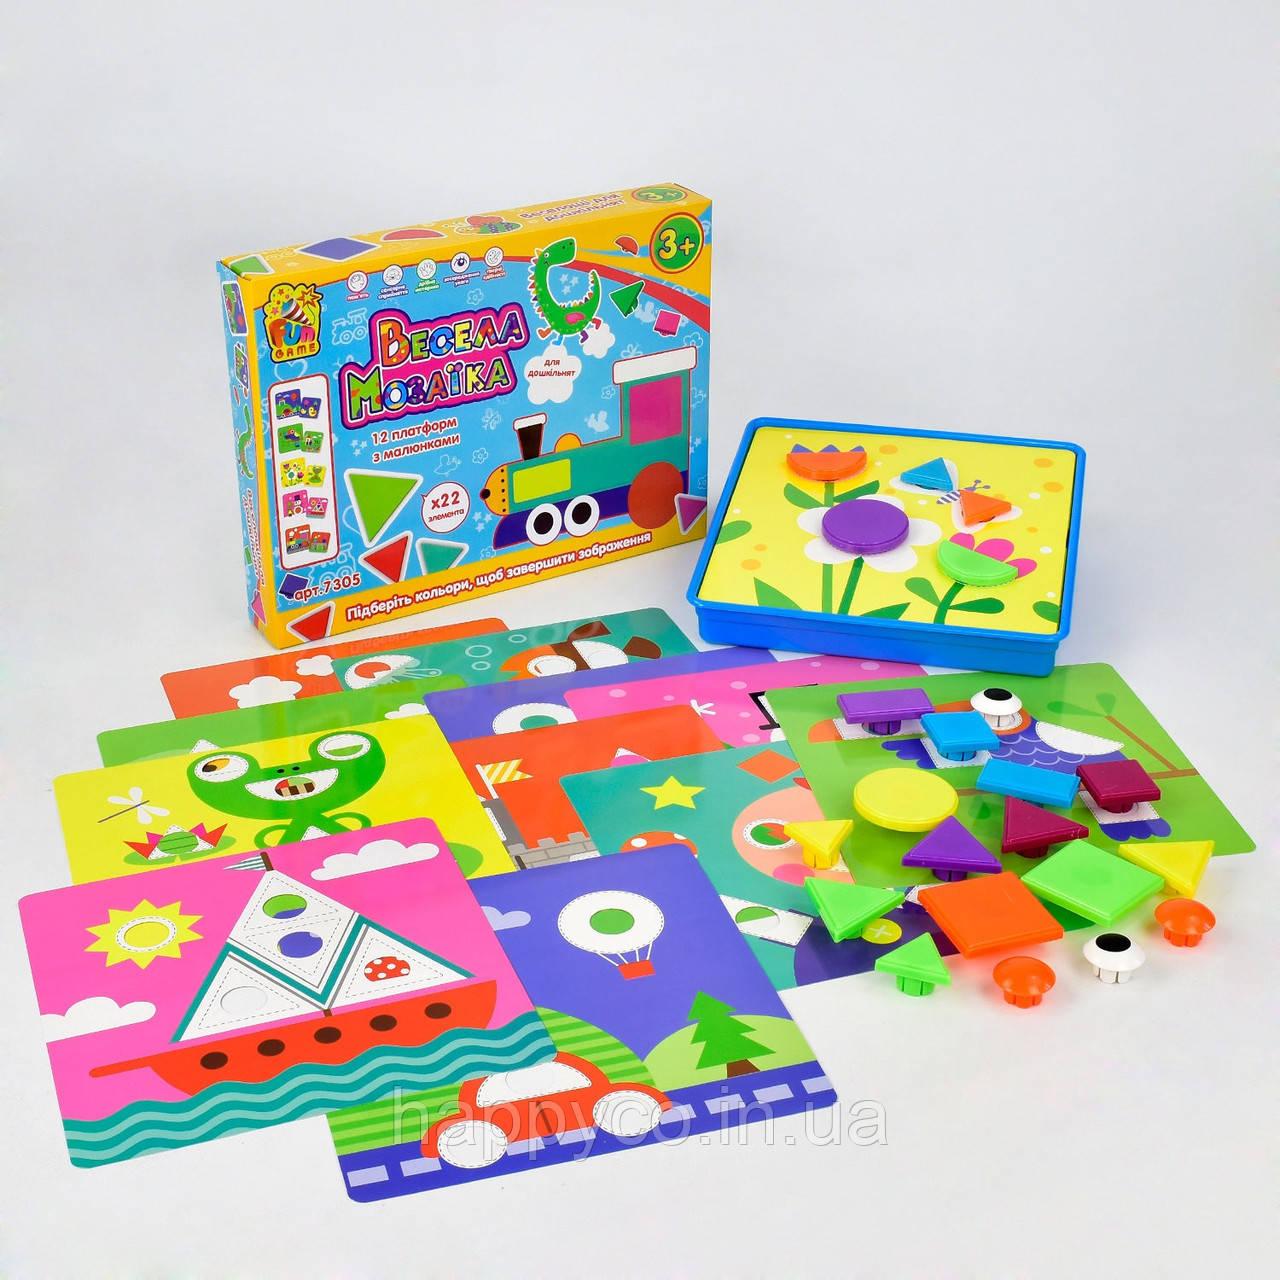 """Детская мозаика 12 платформ 22 элемента """"Весела мозаика"""", развивающая игра (немного примята коробка)"""